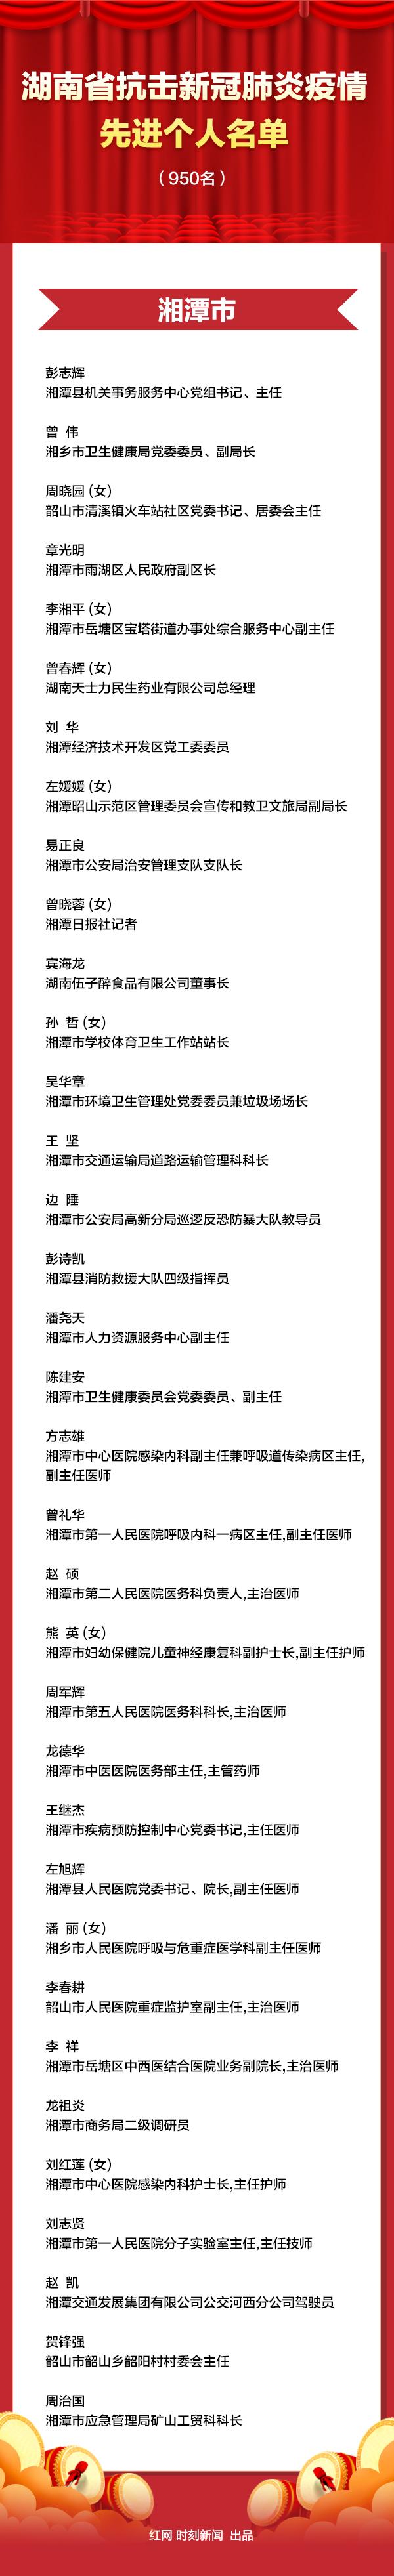 先进个人(湘潭).jpg